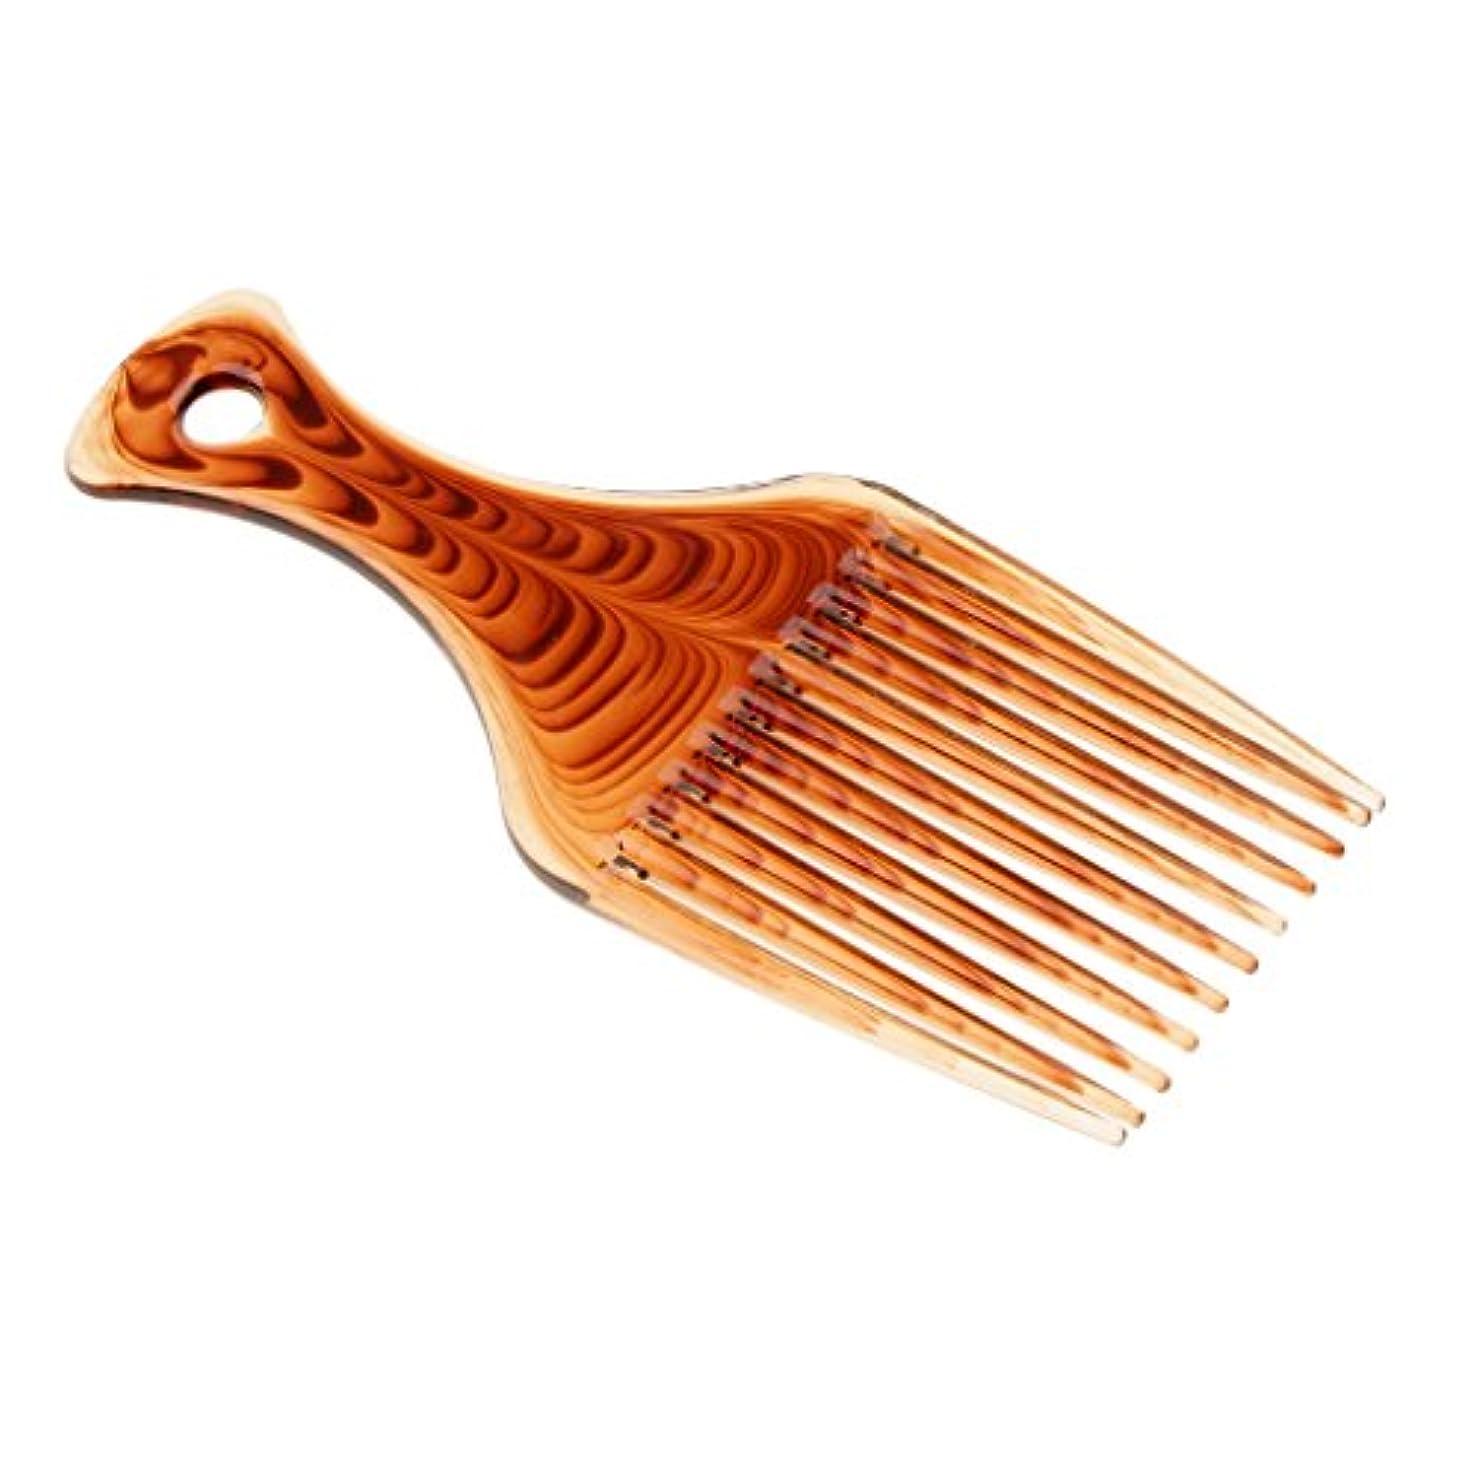 ボイド昼間アクティビティヘアブラシ ヘアコーム かつら くし プラスチック製 持ち上げ ヘアブラシ